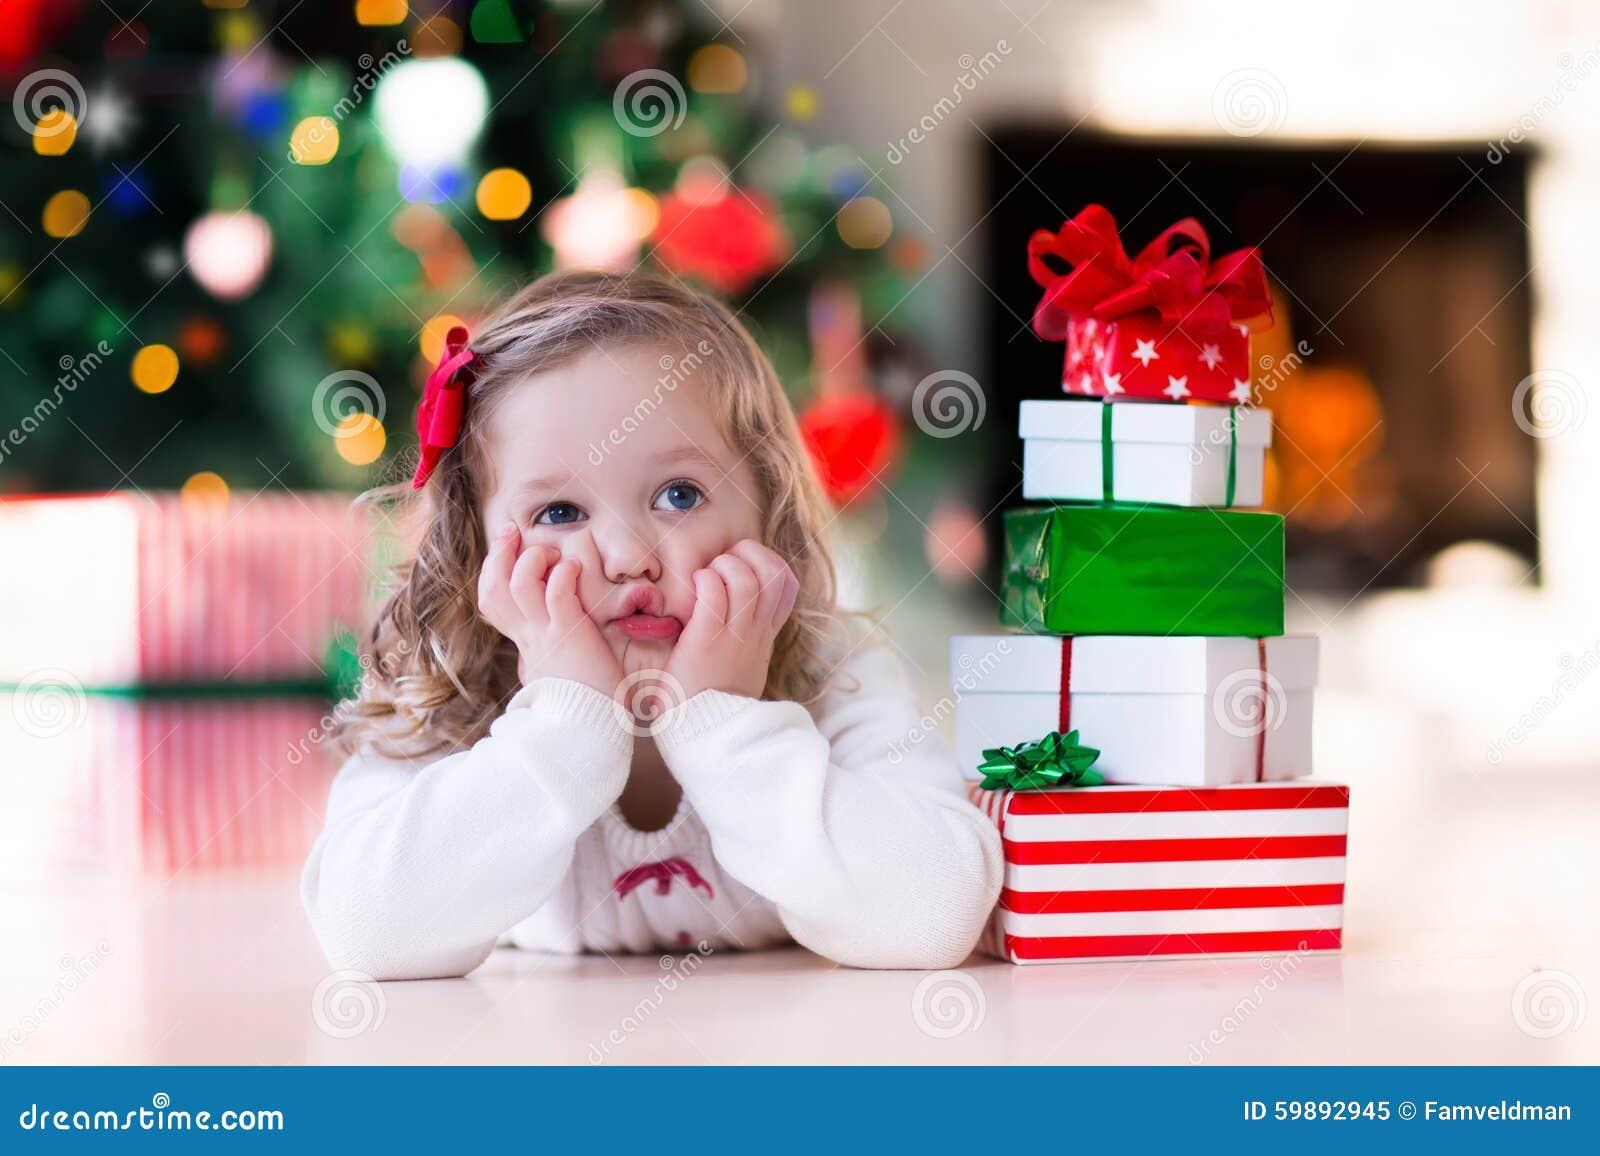 Regali Di Natale Bimbi.Regali Di Natale Di Apertura Della Bambina Al Posto Del Fuoco